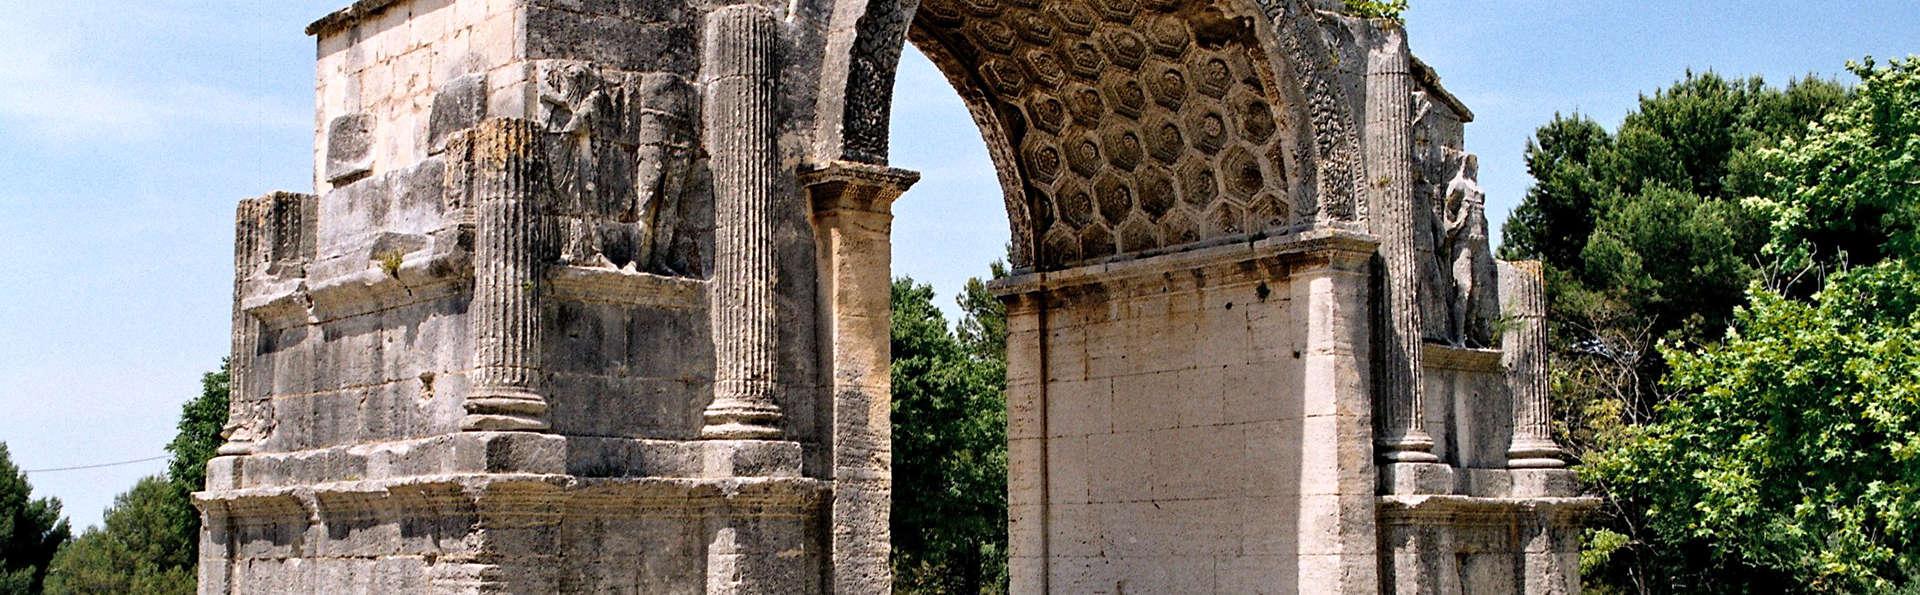 Découverte du Site Archéologique de Glanum et séjour à Saint-Rémy-de-Provence